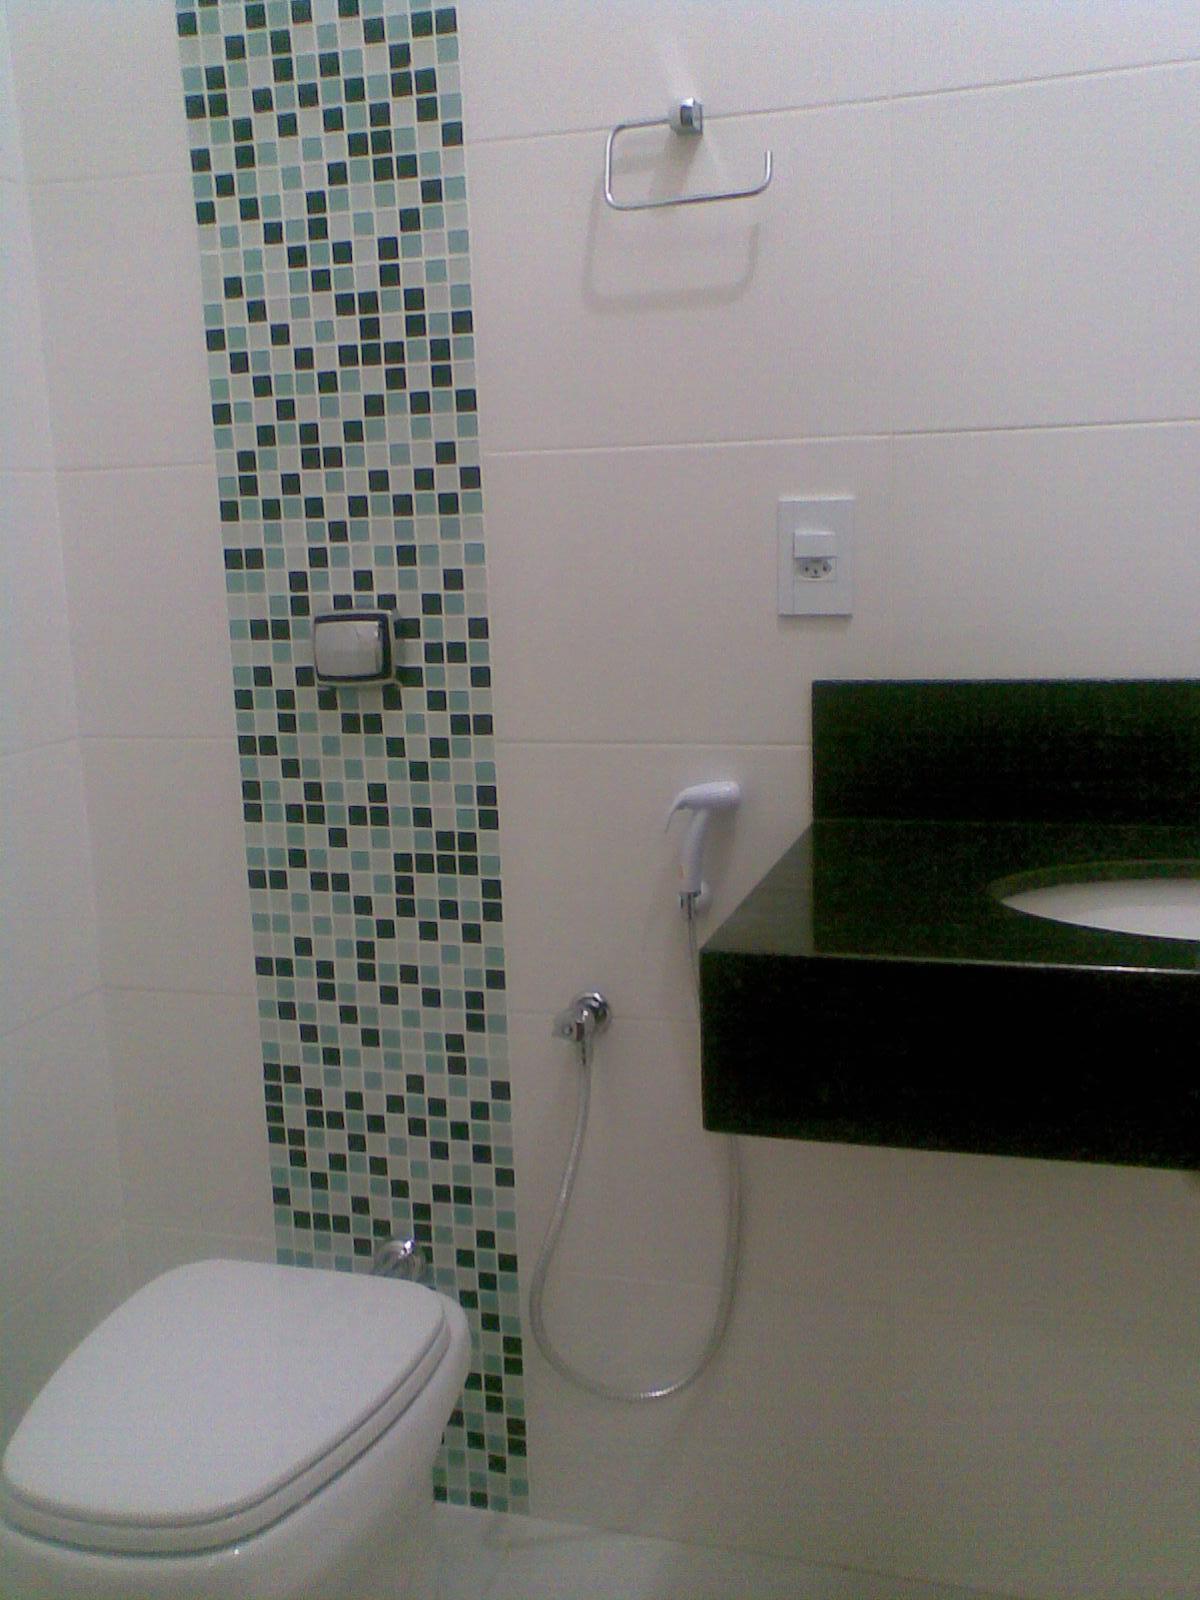 para os banheiros detalhes com pastilhas de vidro trazem a identidade #141B14 1200 1600